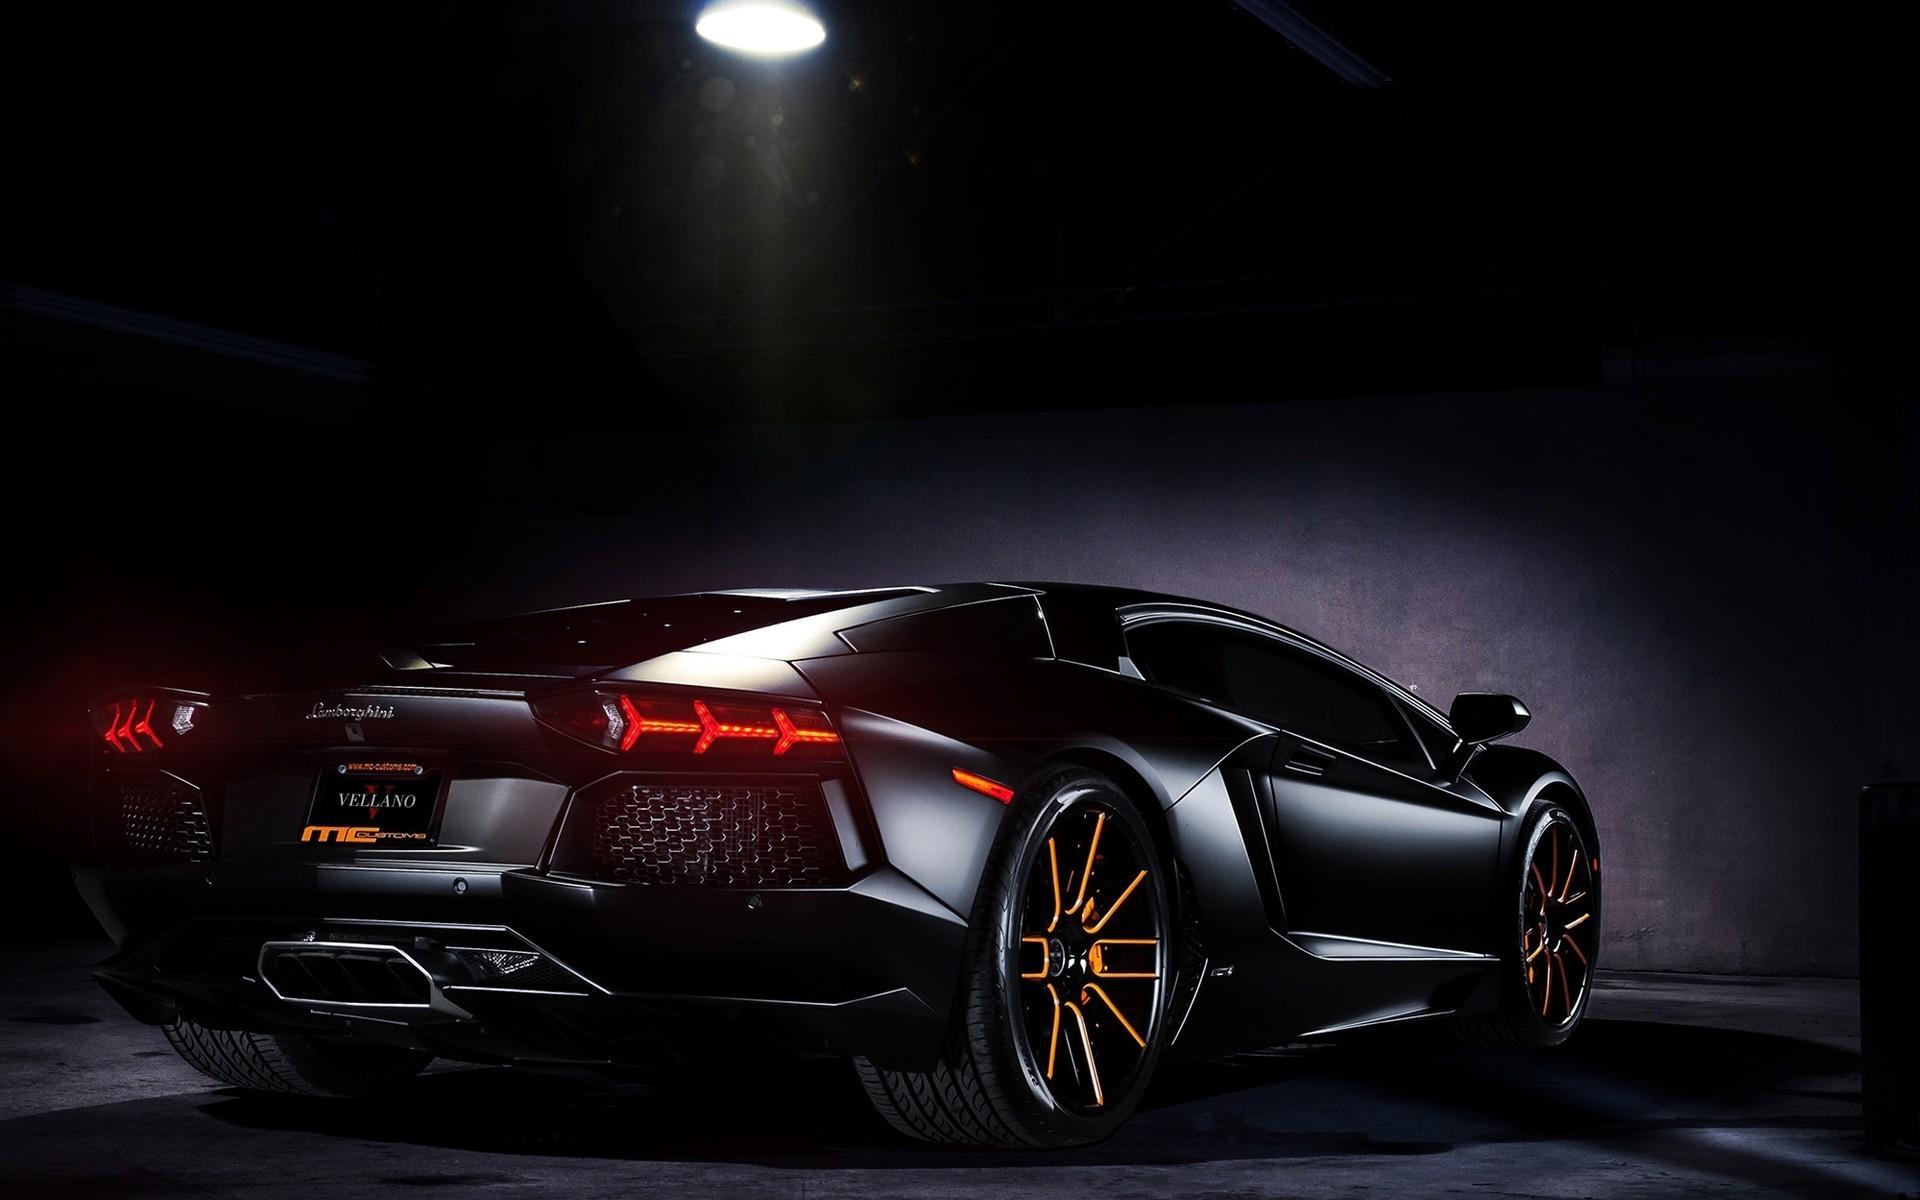 Wallpaper Mobil Sport Mewah: Wallpaper : Lamborghini Aventador, Mobil Hitam